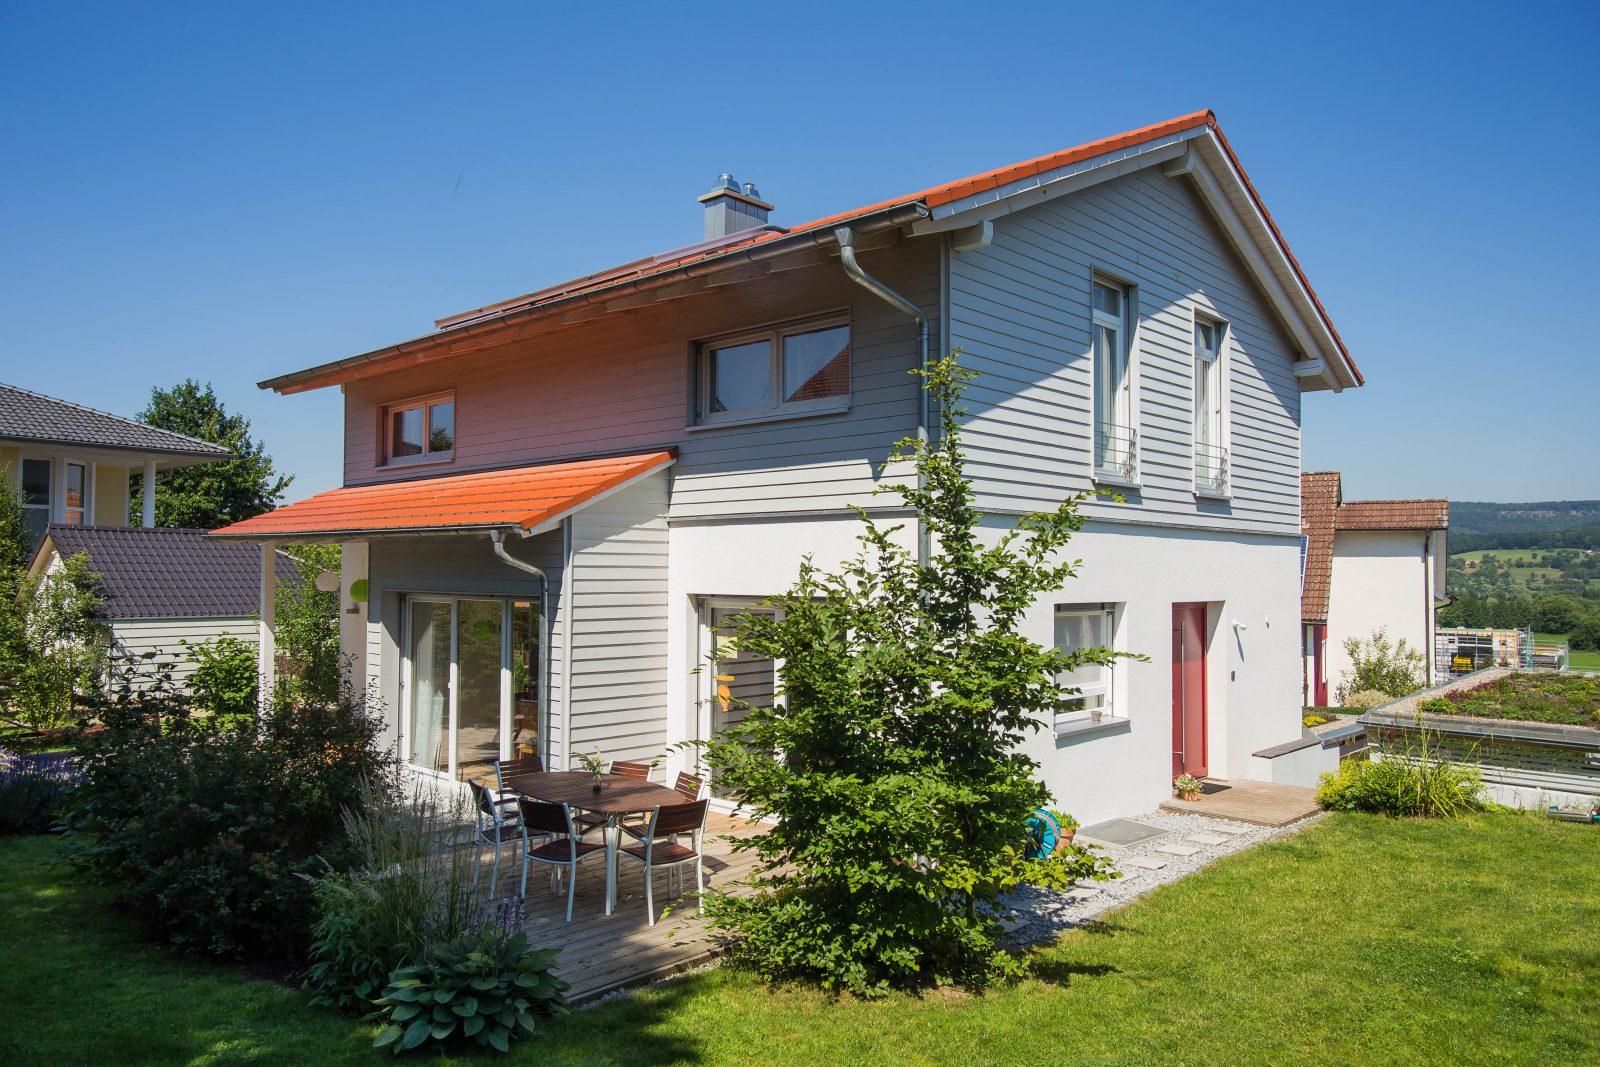 einfamilienwohnhaus kfw 40 in kirchehrenbach l mmlein architektur. Black Bedroom Furniture Sets. Home Design Ideas